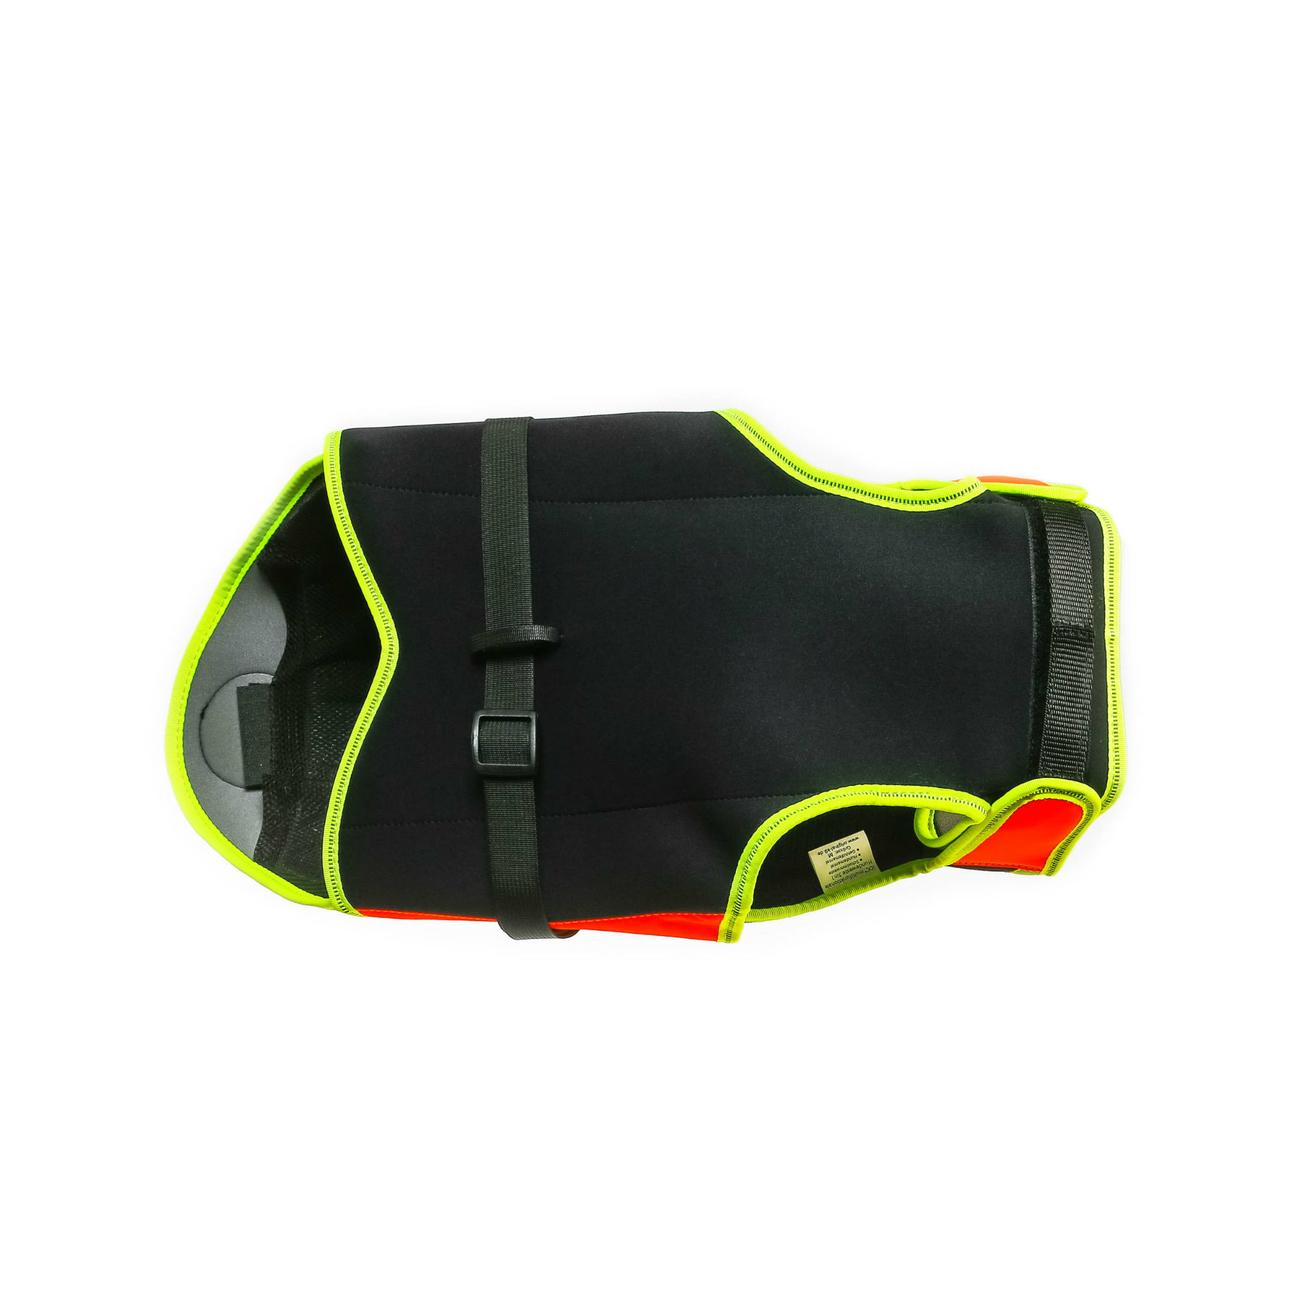 Julius K9 IDC® Multifunktionsweste Neon für Hunde, Bild 6